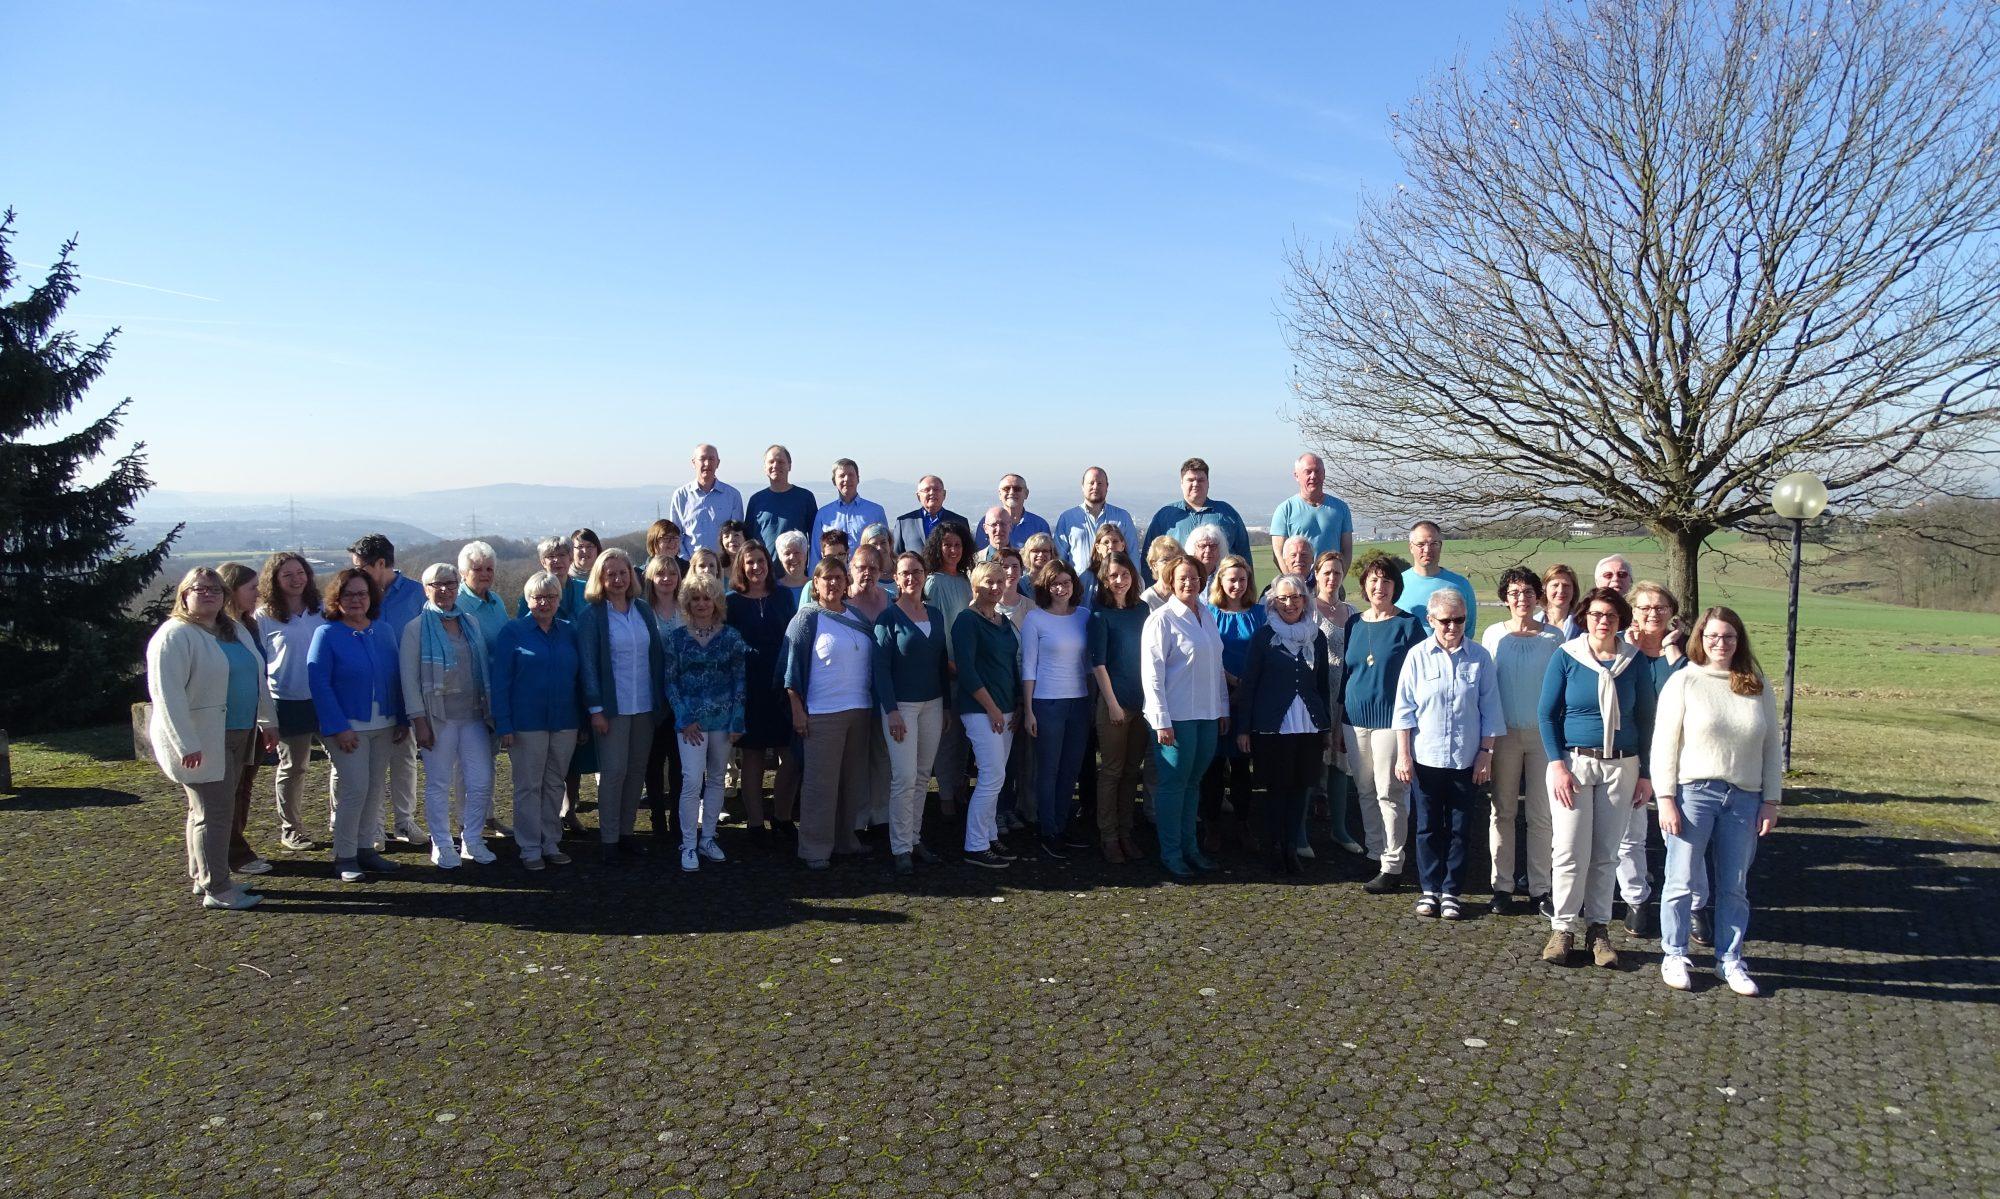 Singkreis 70 Koblenz